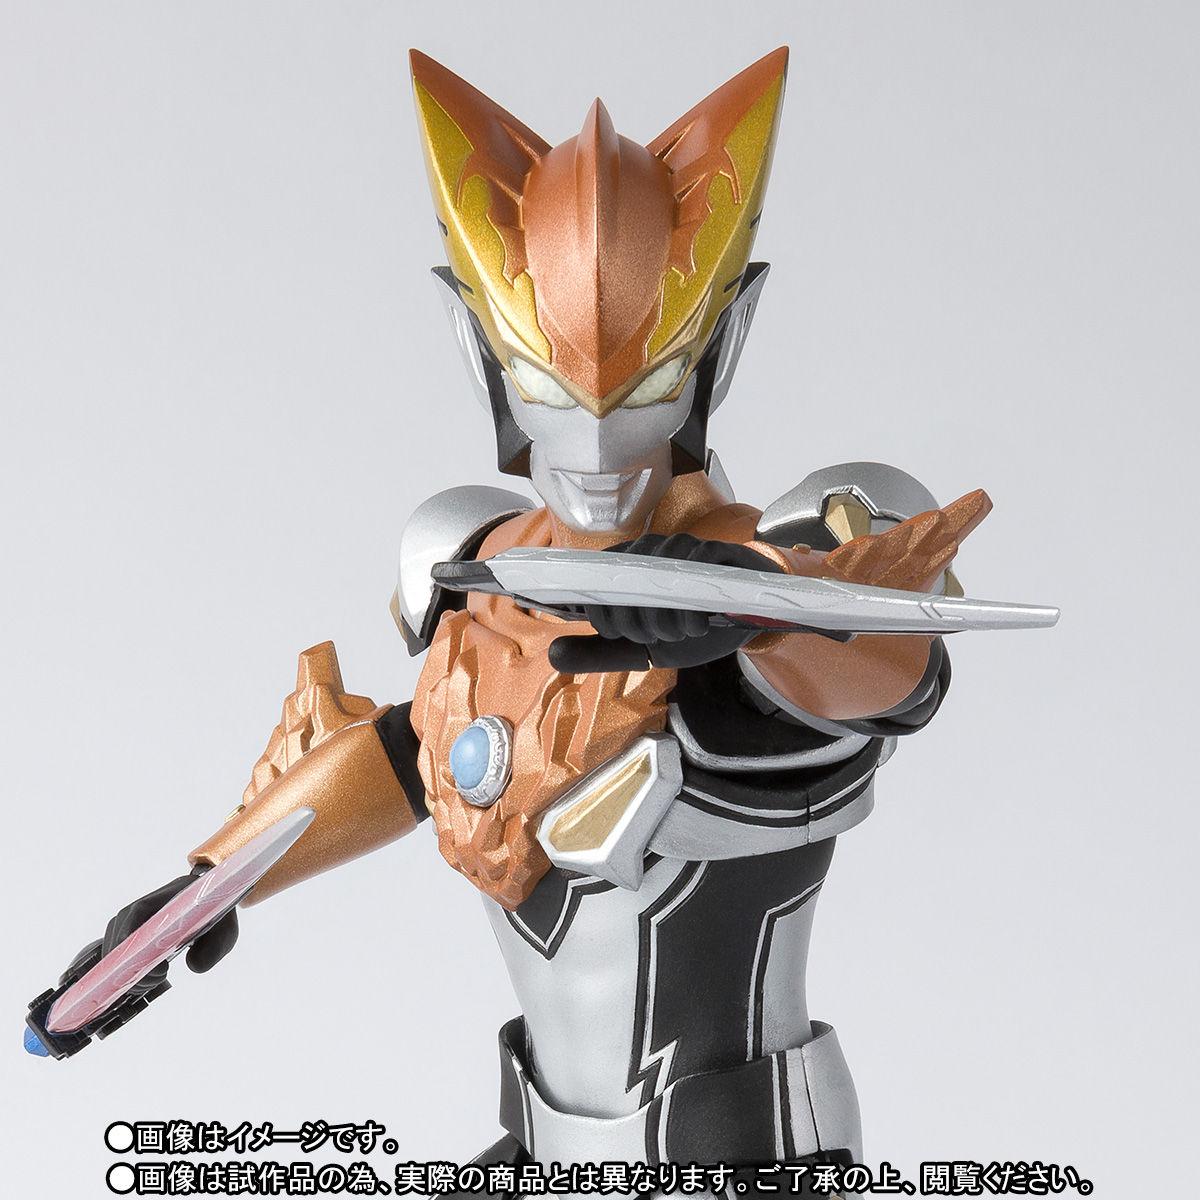 S.H.フィギュアーツ『ウルトラマンロッソ グランド』ウルトラマンR/B 可動フィギュア-001